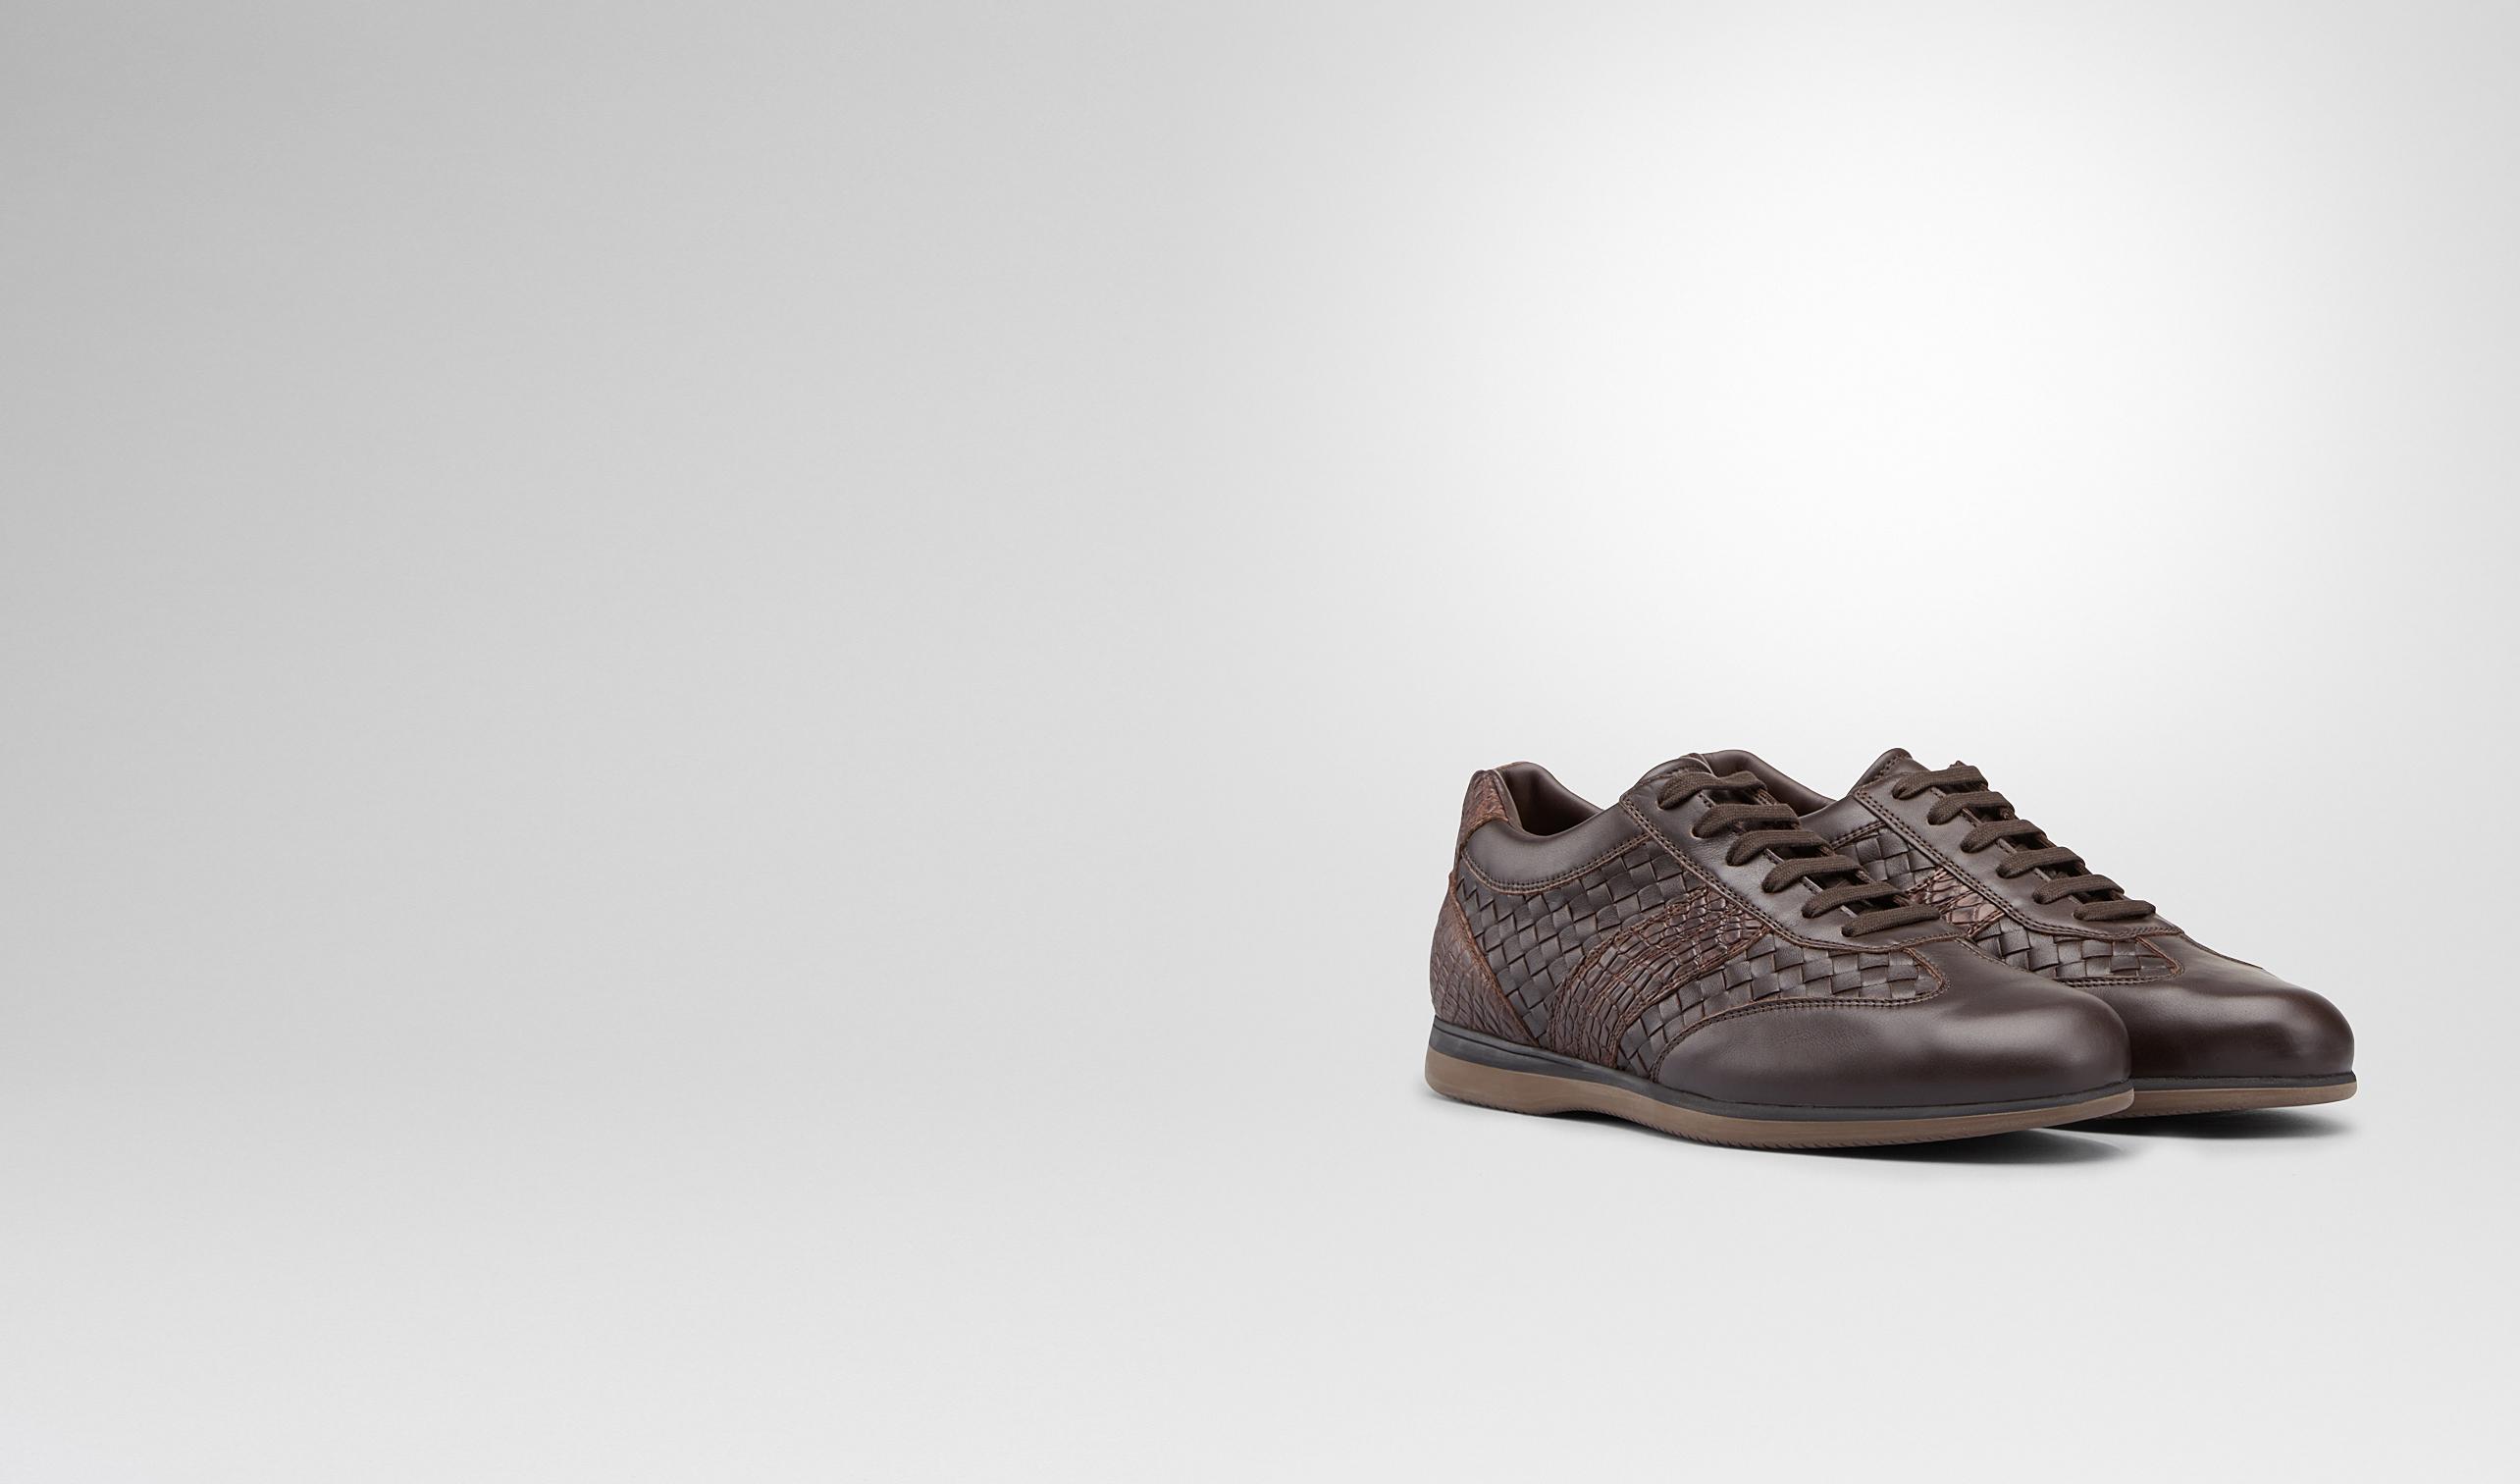 BOTTEGA VENETA Sneakers U Sneaker Espresso in Intrecciato Calf e Caimano Morbido pl